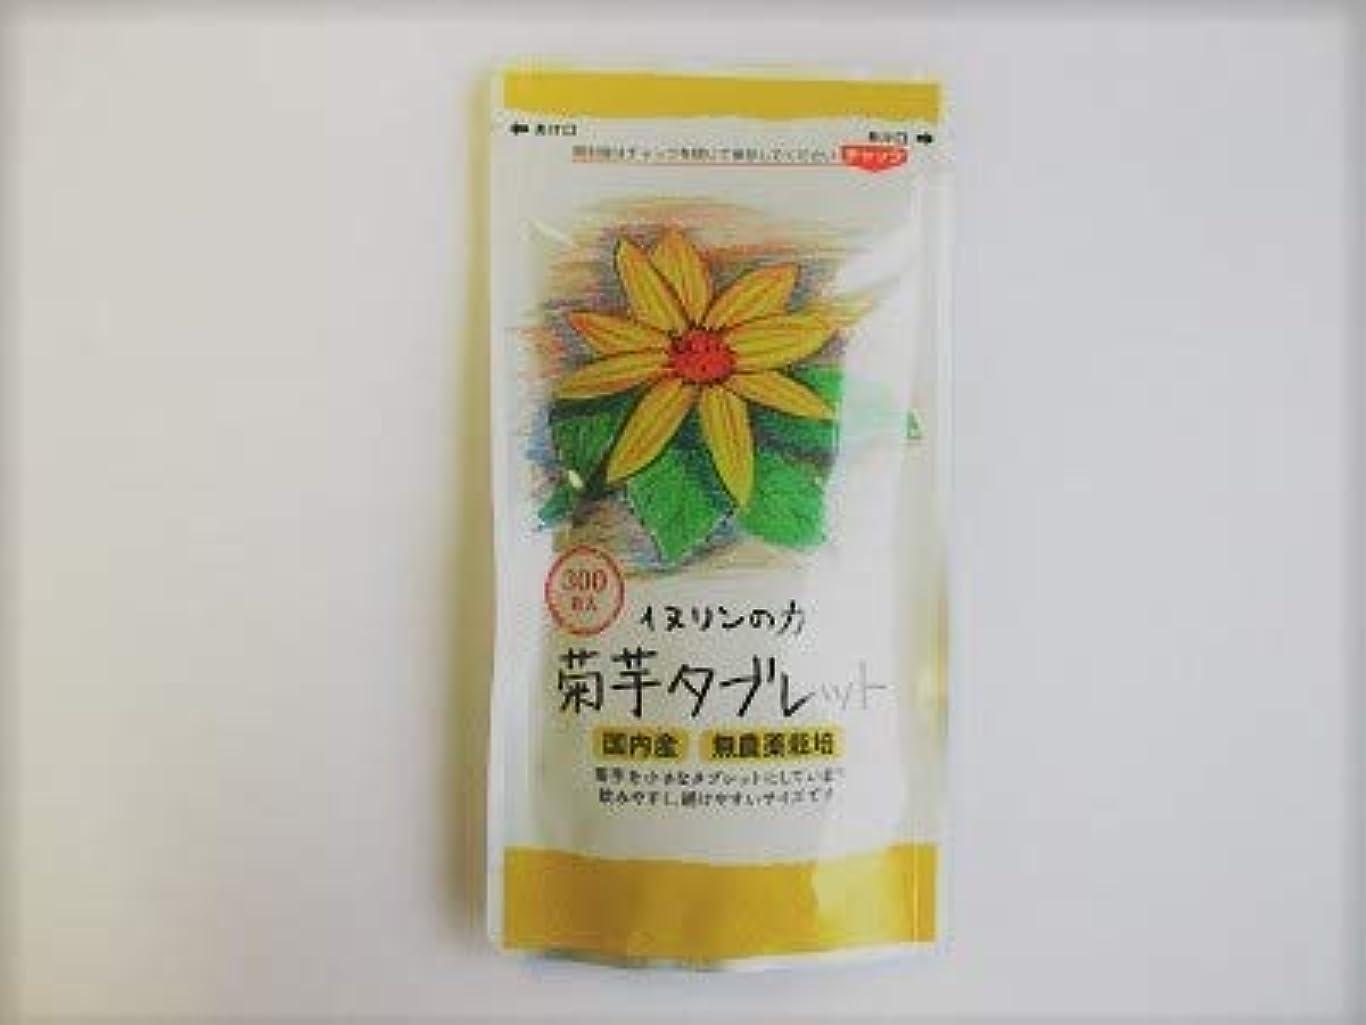 バンガローケーブルカー飽和する菊芋タブレット 250mg×300粒 内容量:75g ★1袋で生菊芋=660g分相当です!